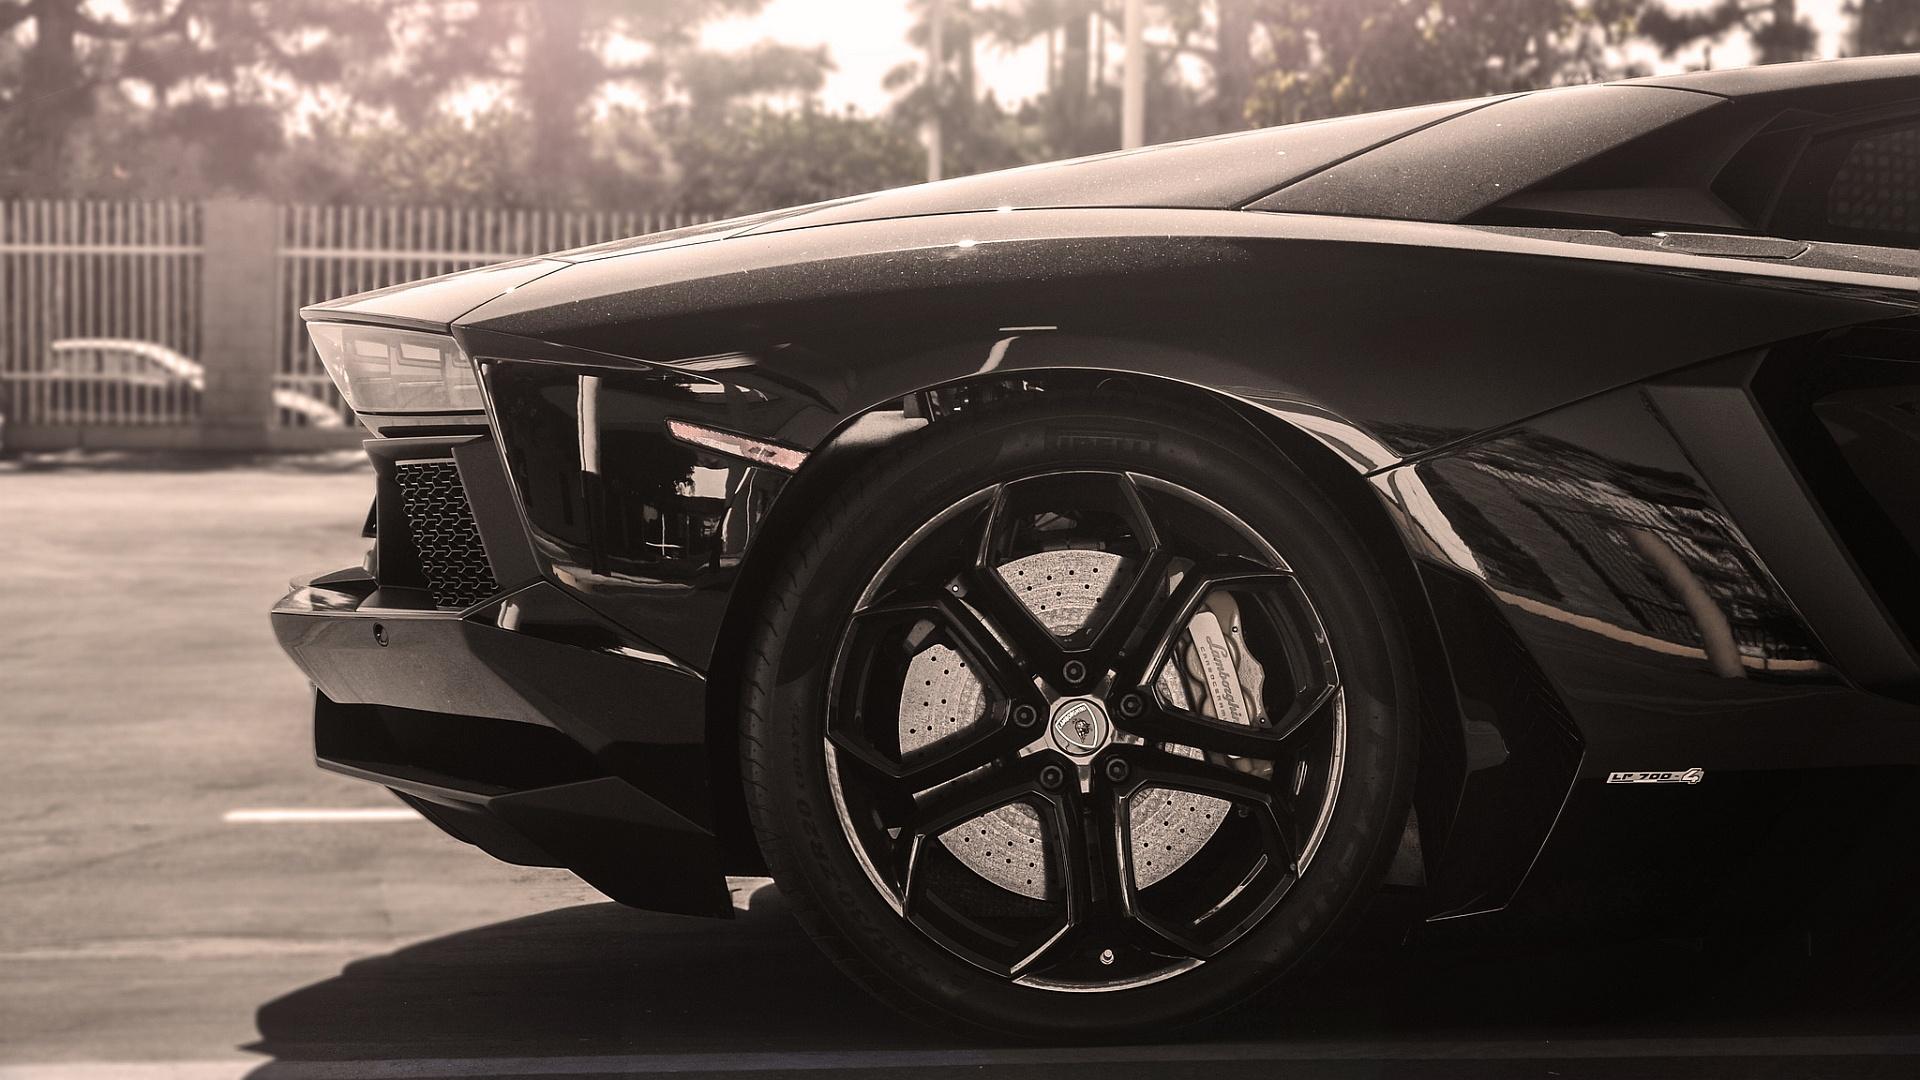 Popular Wallpaper High Resolution Lamborghini Aventador - Aventador-Wallpaper-034  Snapshot_4818.jpg